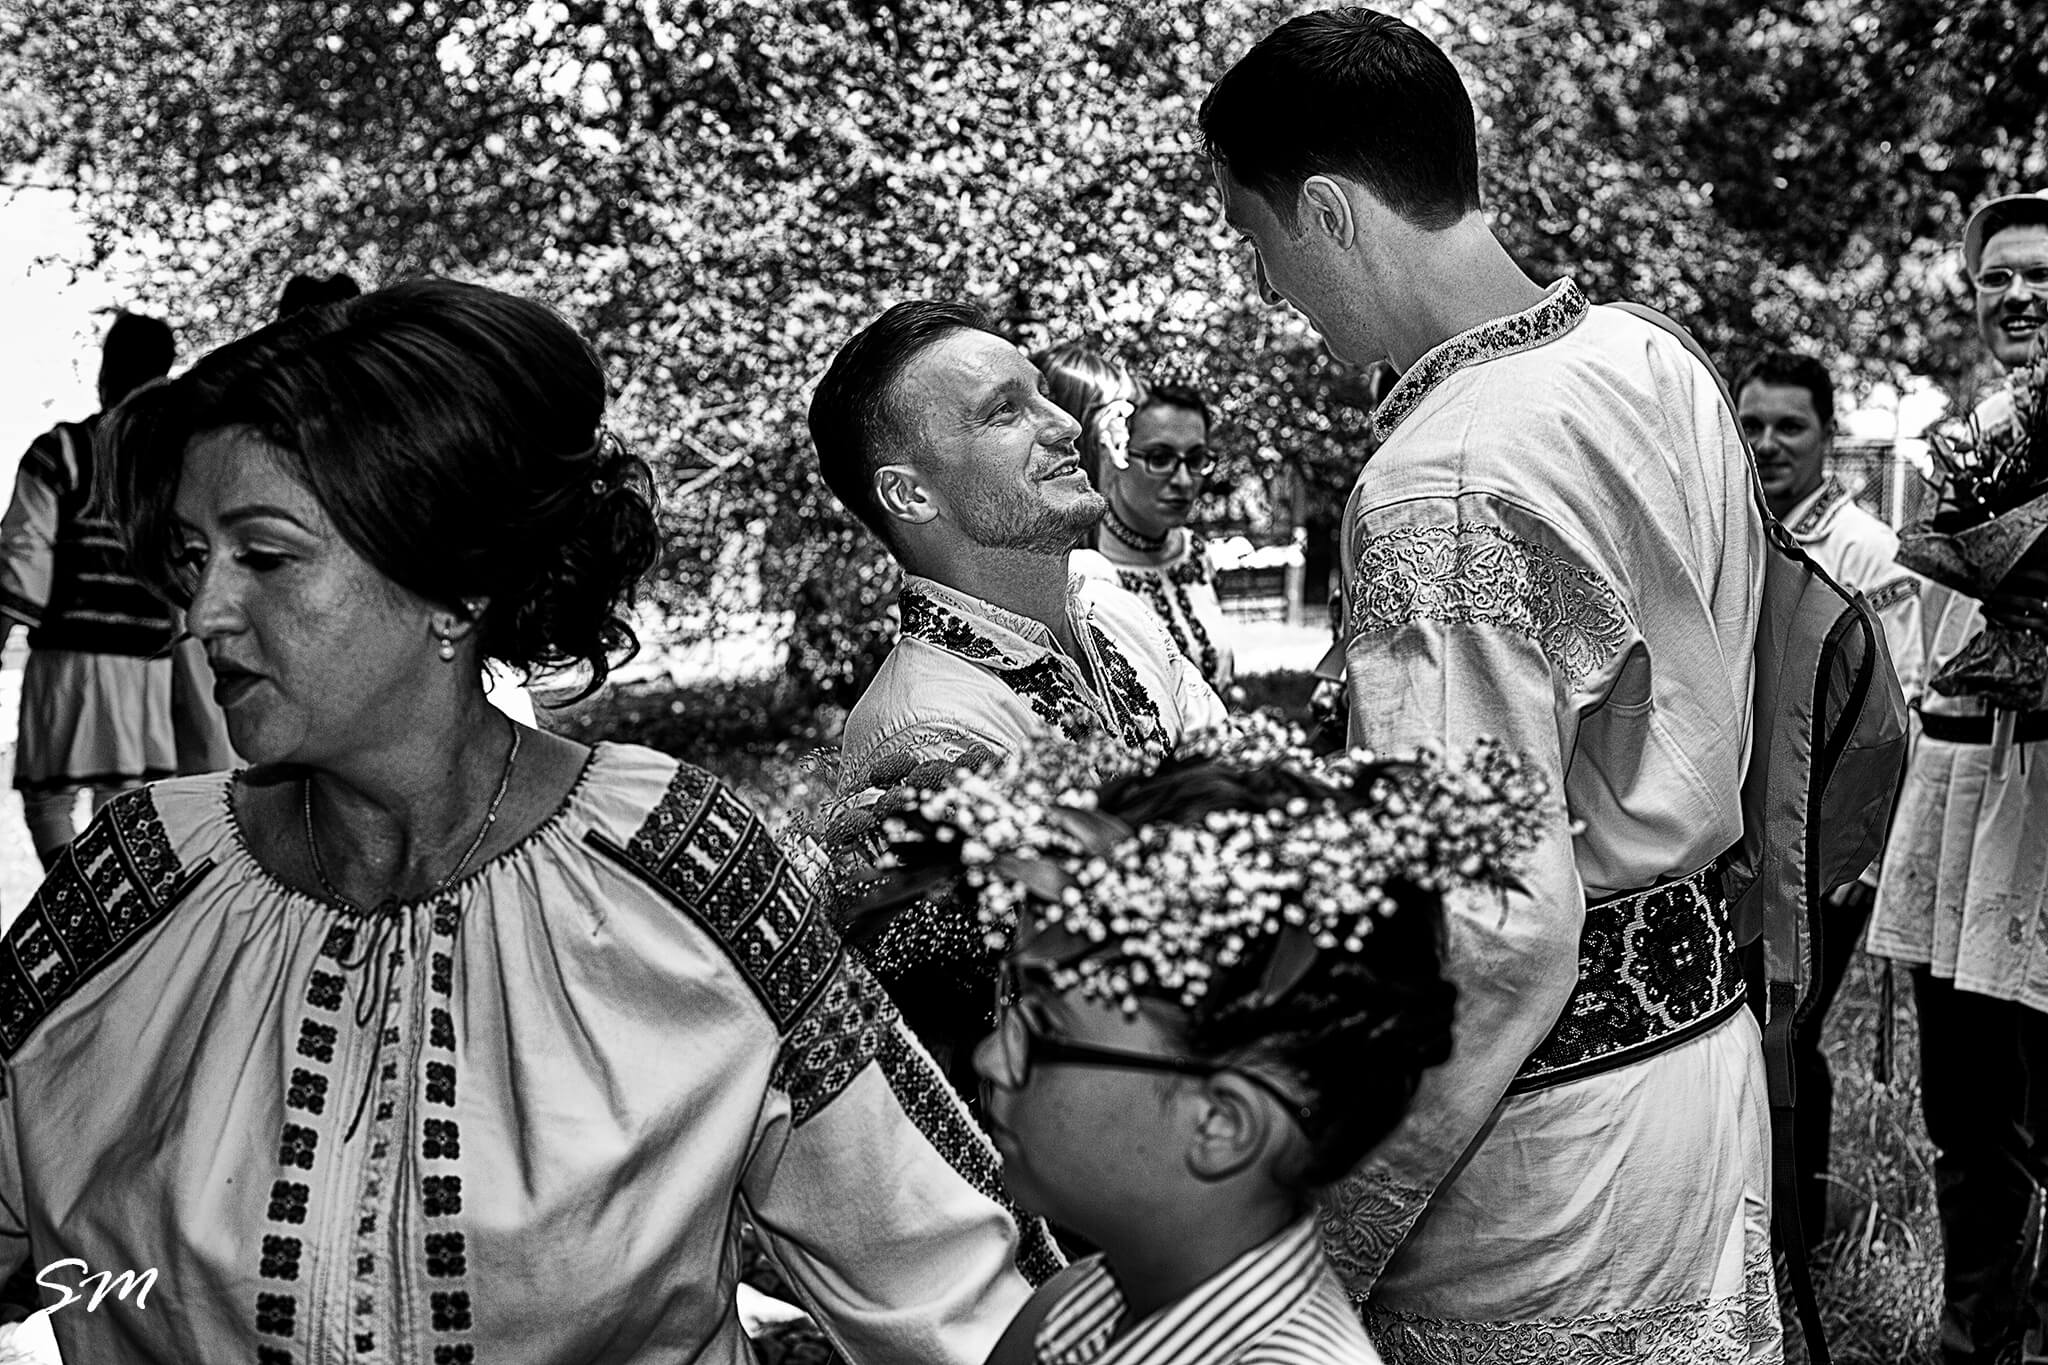 fotografii_nunta_suceava_muzeul_satului (3)